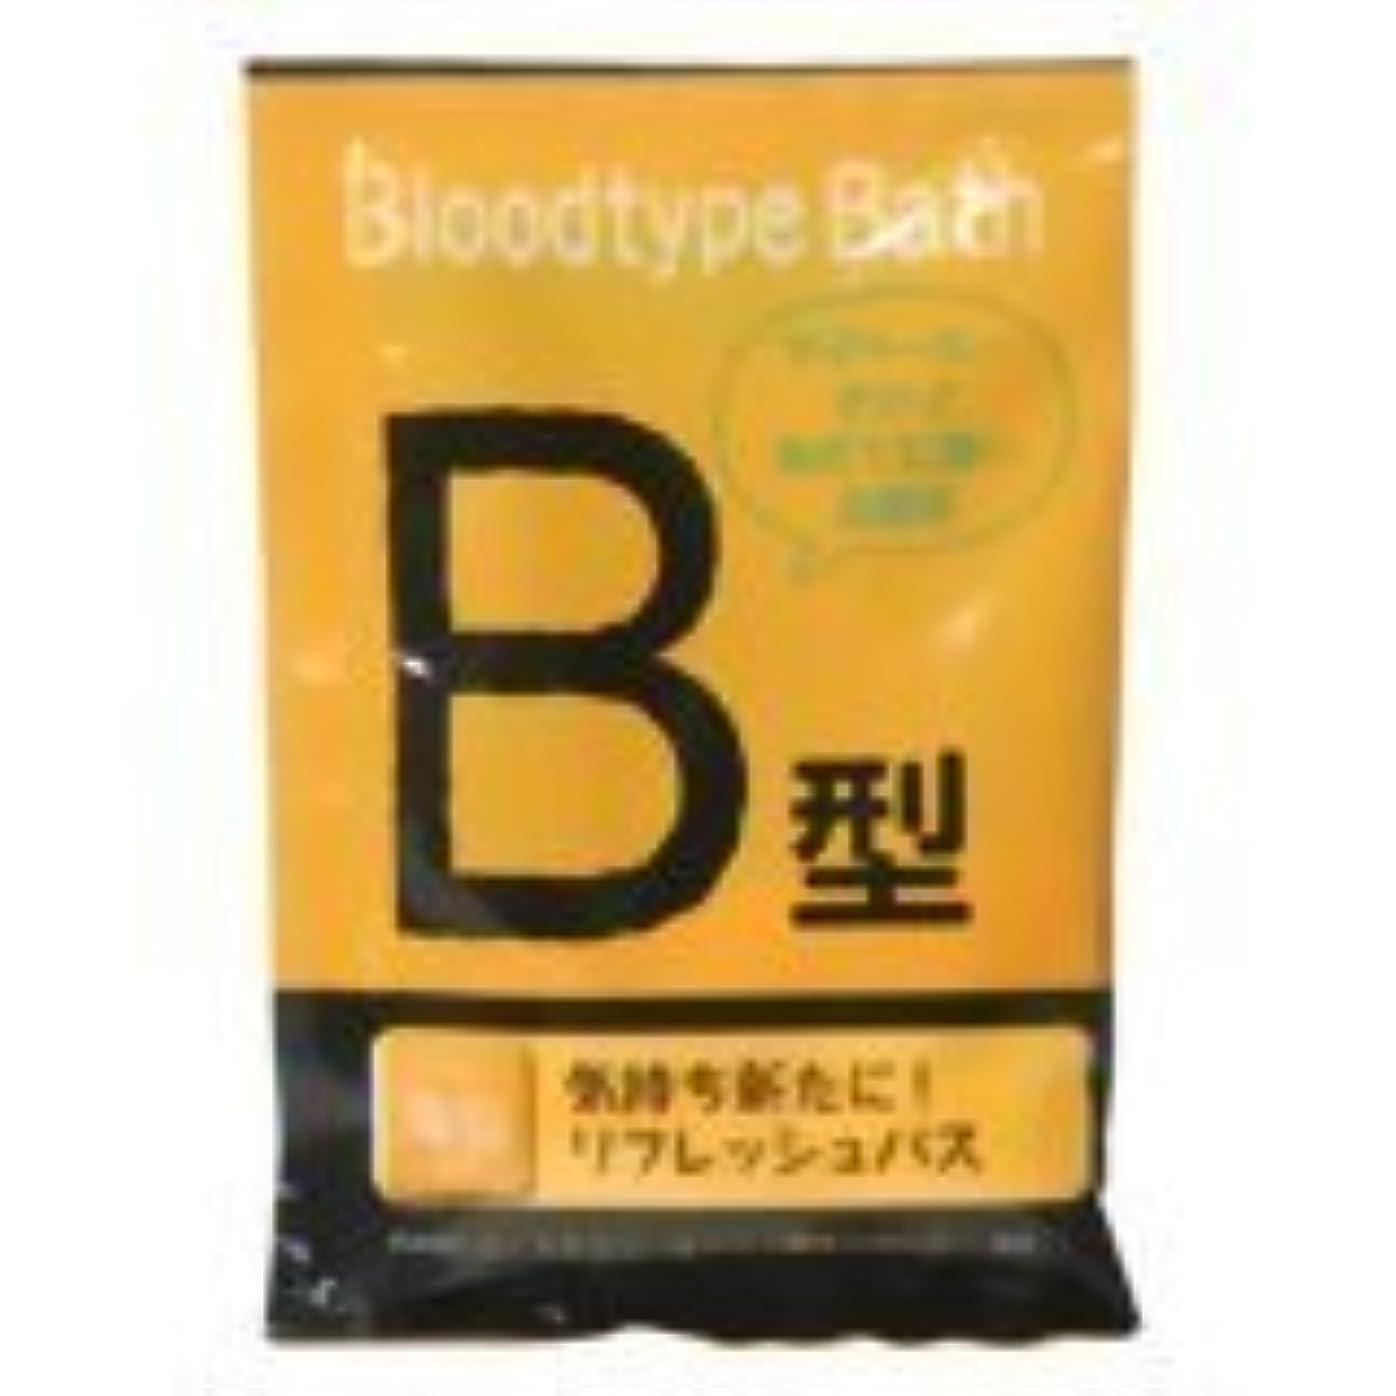 マナー測る応答紀陽除虫菊 ブラッドタイプバス B【まとめ買い12個セット】 N-8251